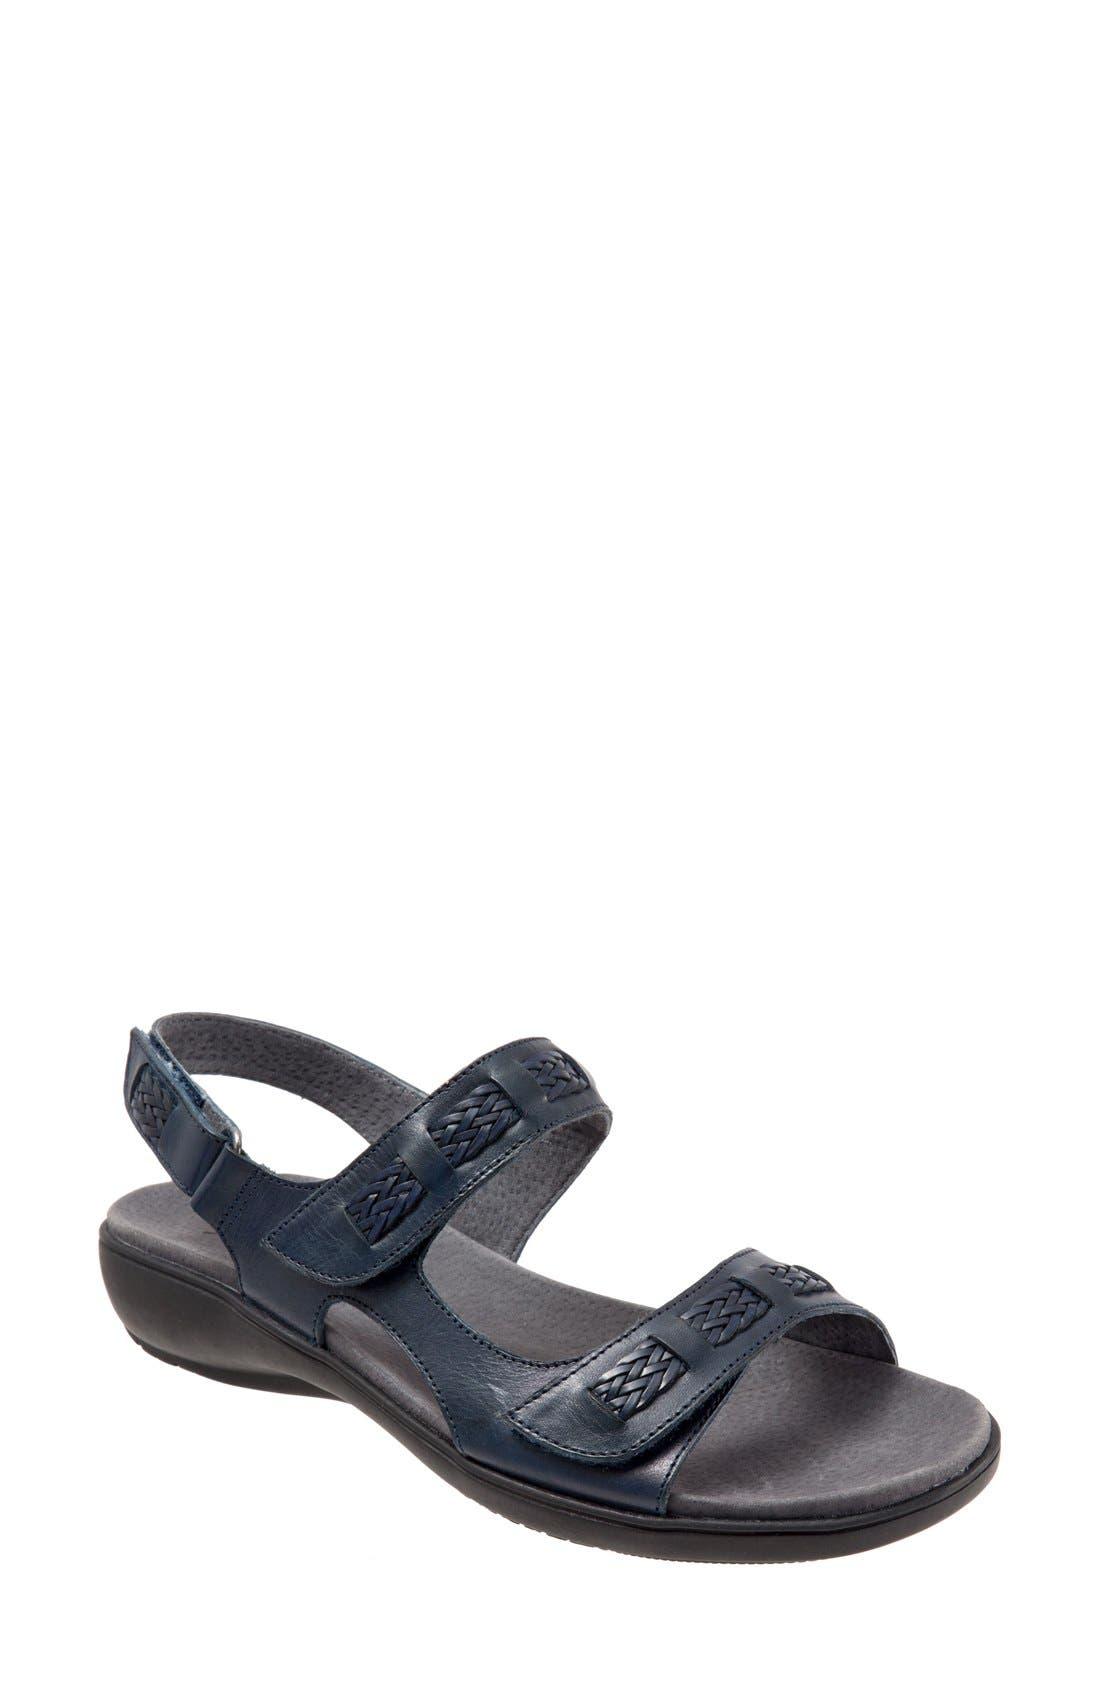 'Kip' Sandal,                             Main thumbnail 1, color,                             Navy Leather